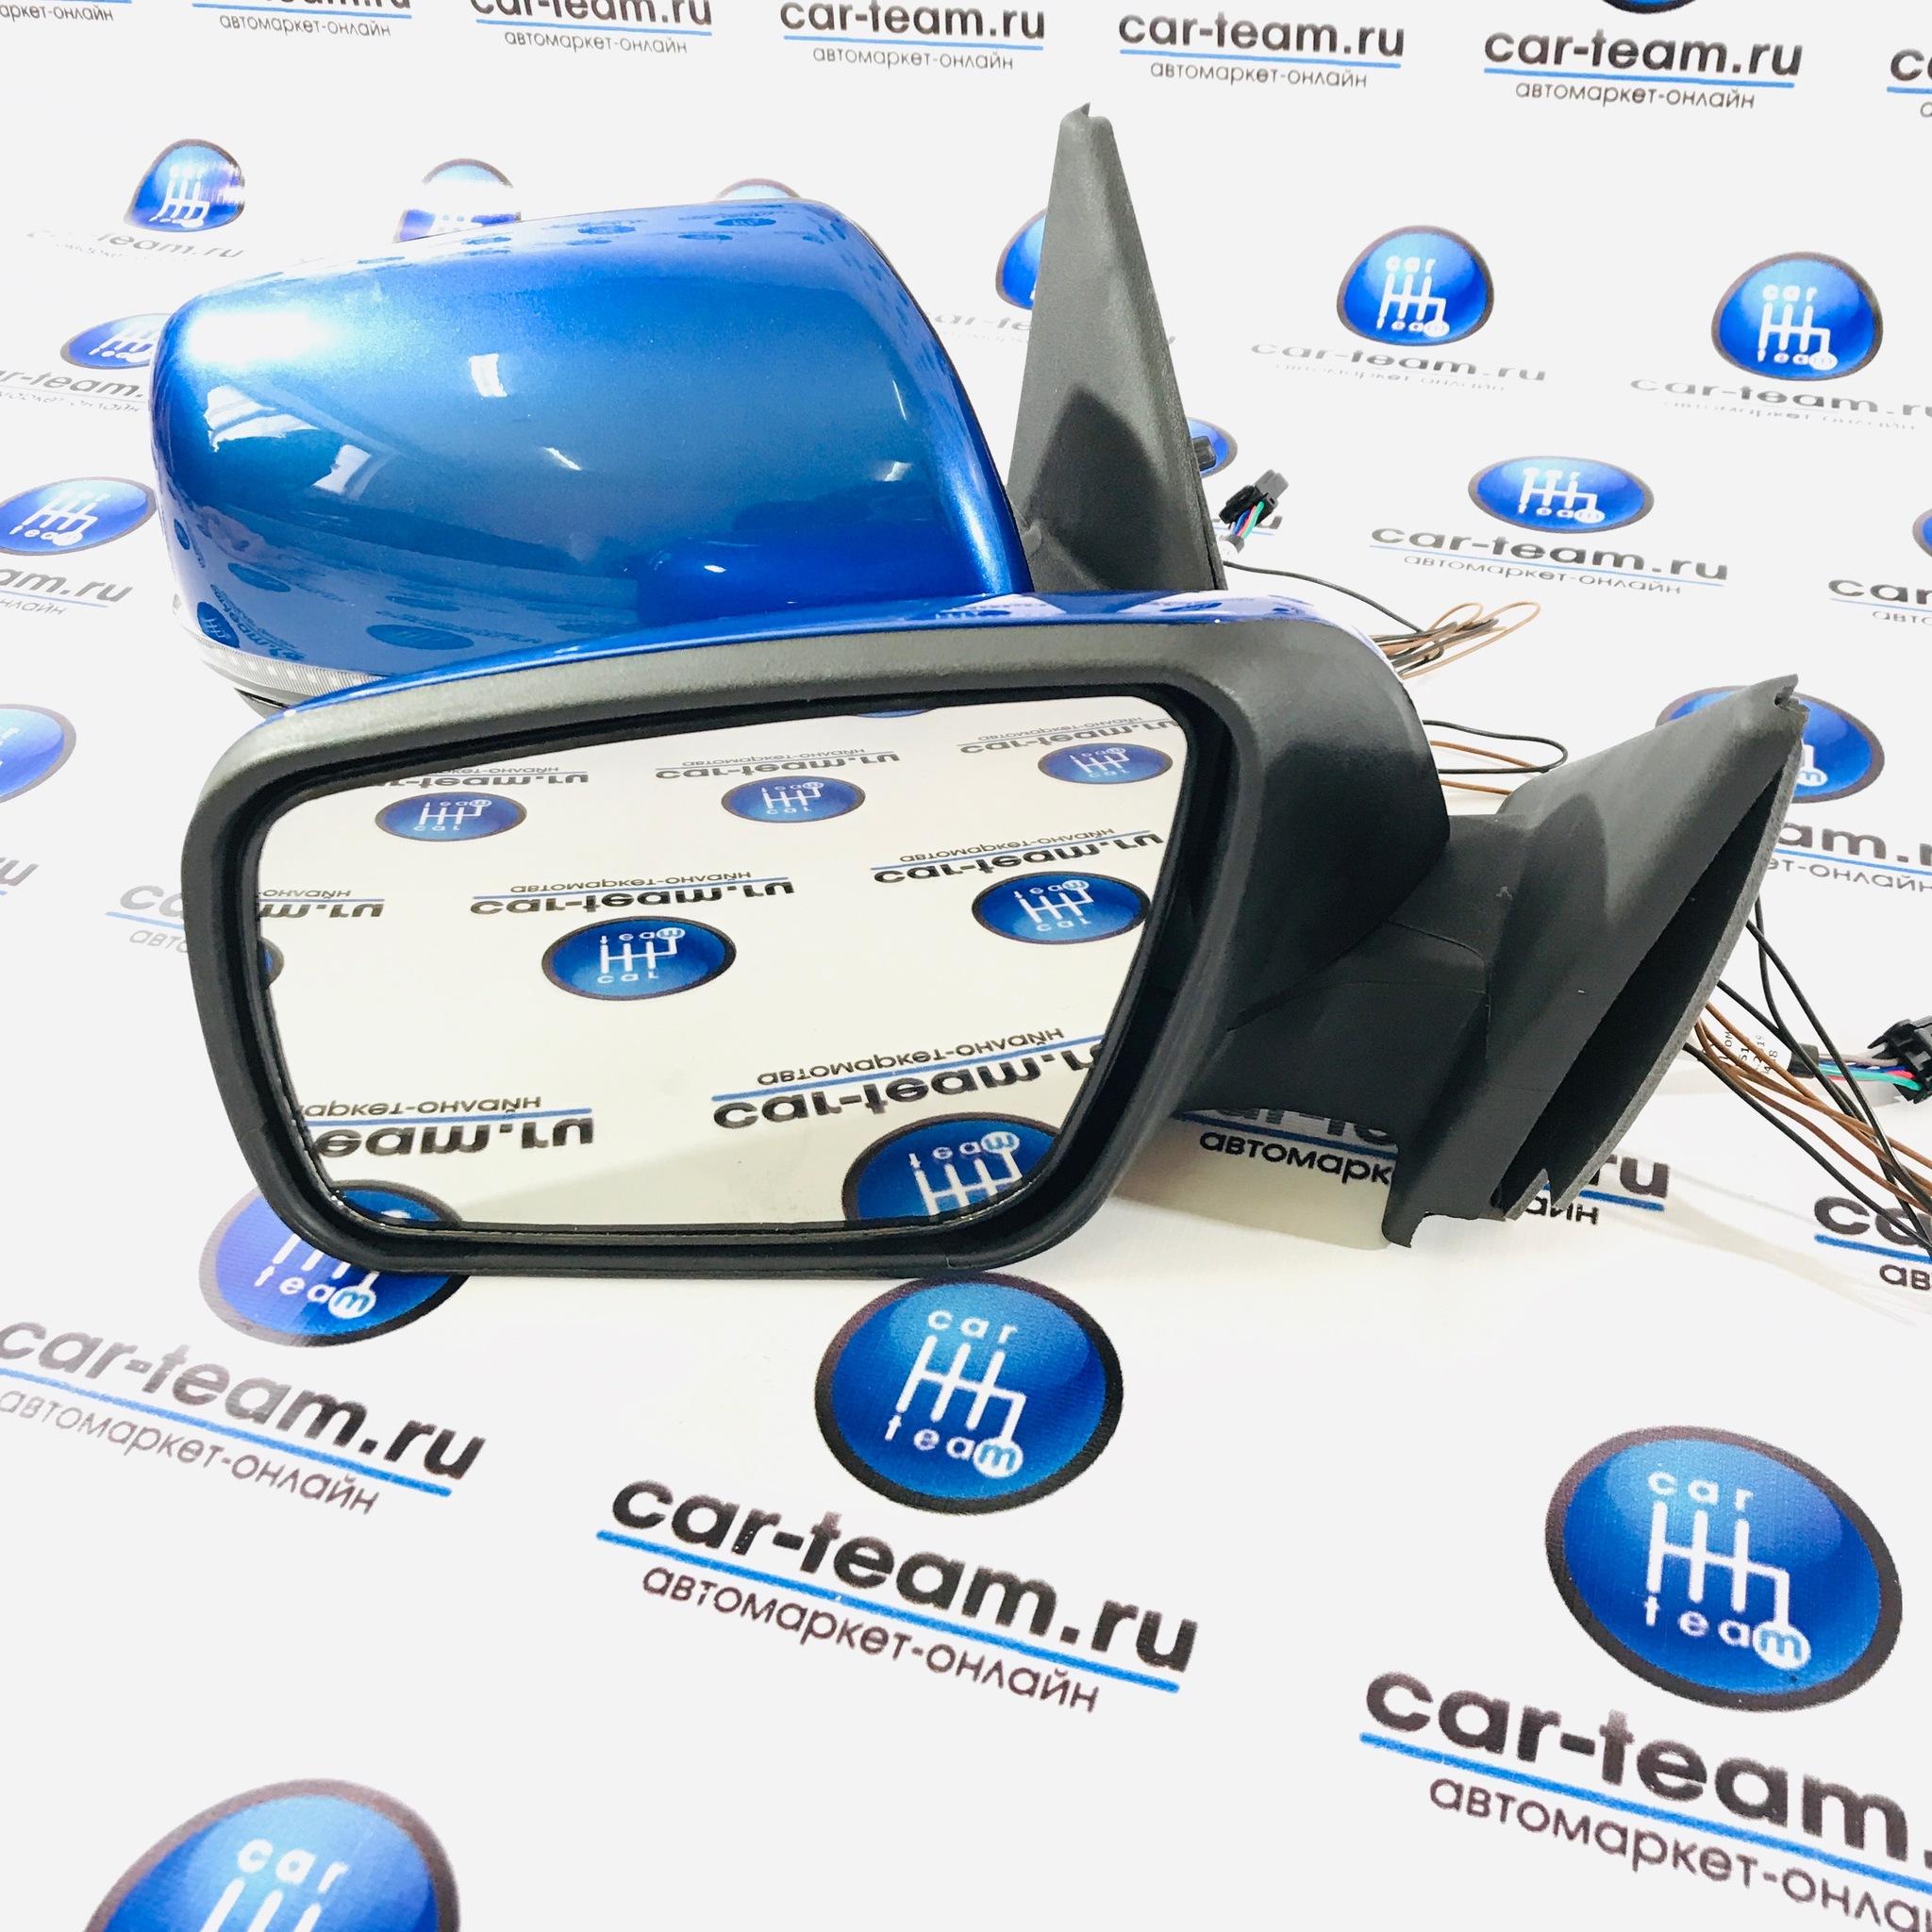 Боковые зеркала поворотники аля-лексус старого образца на Лада Приора 2, Приора 1, ВАЗ 2110-12 (Солина авто)